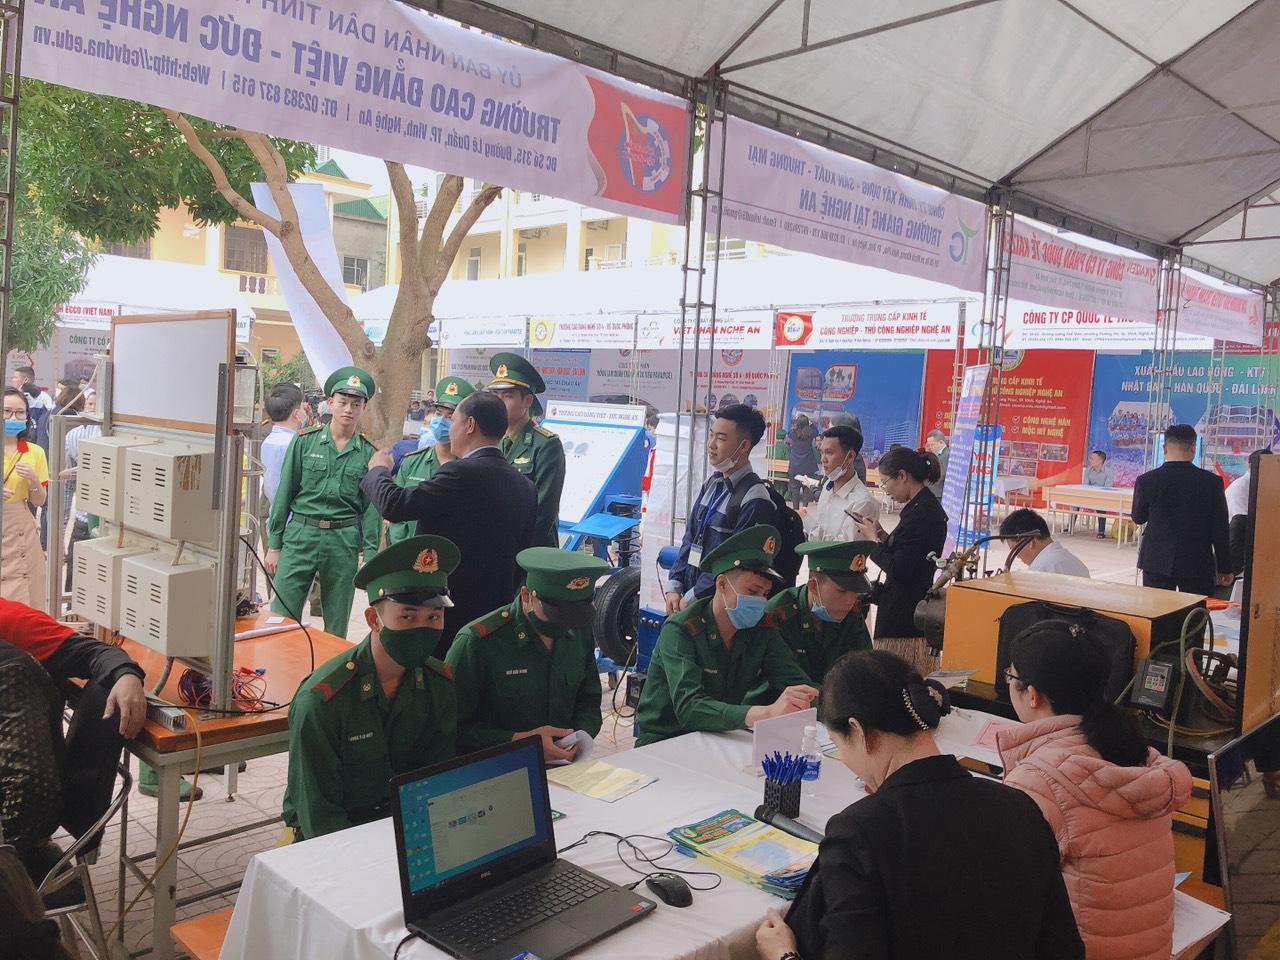 Thông báo tổ chức phiên giao dịch việc làm ngày 27/07/2020 tại Nghệ An